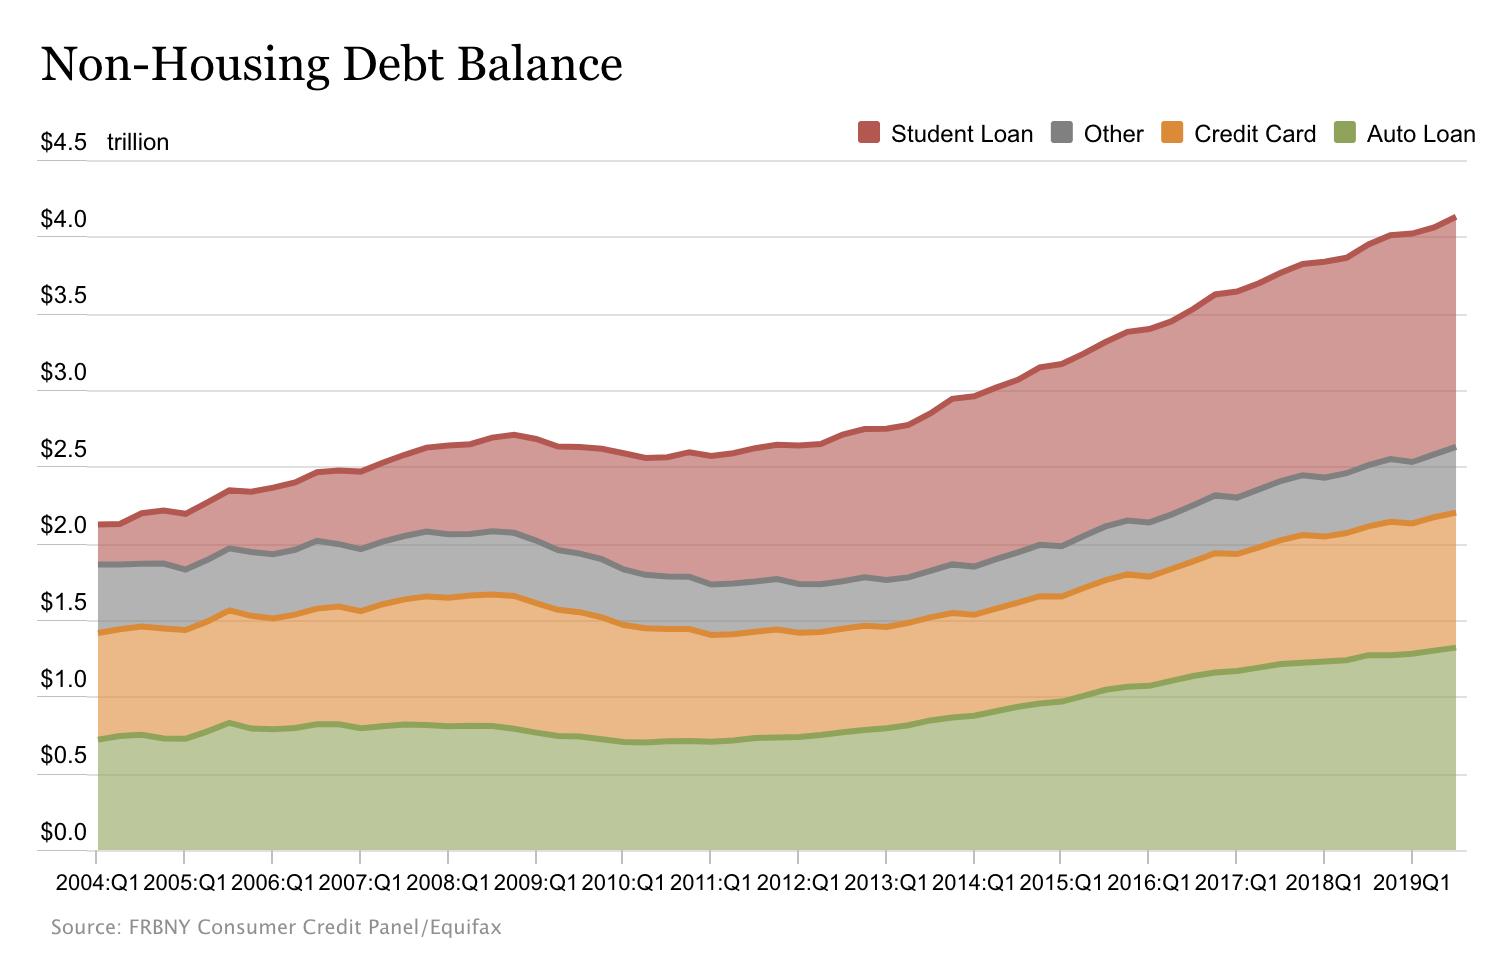 Konsumschulden USA ohne Immobilienkredite